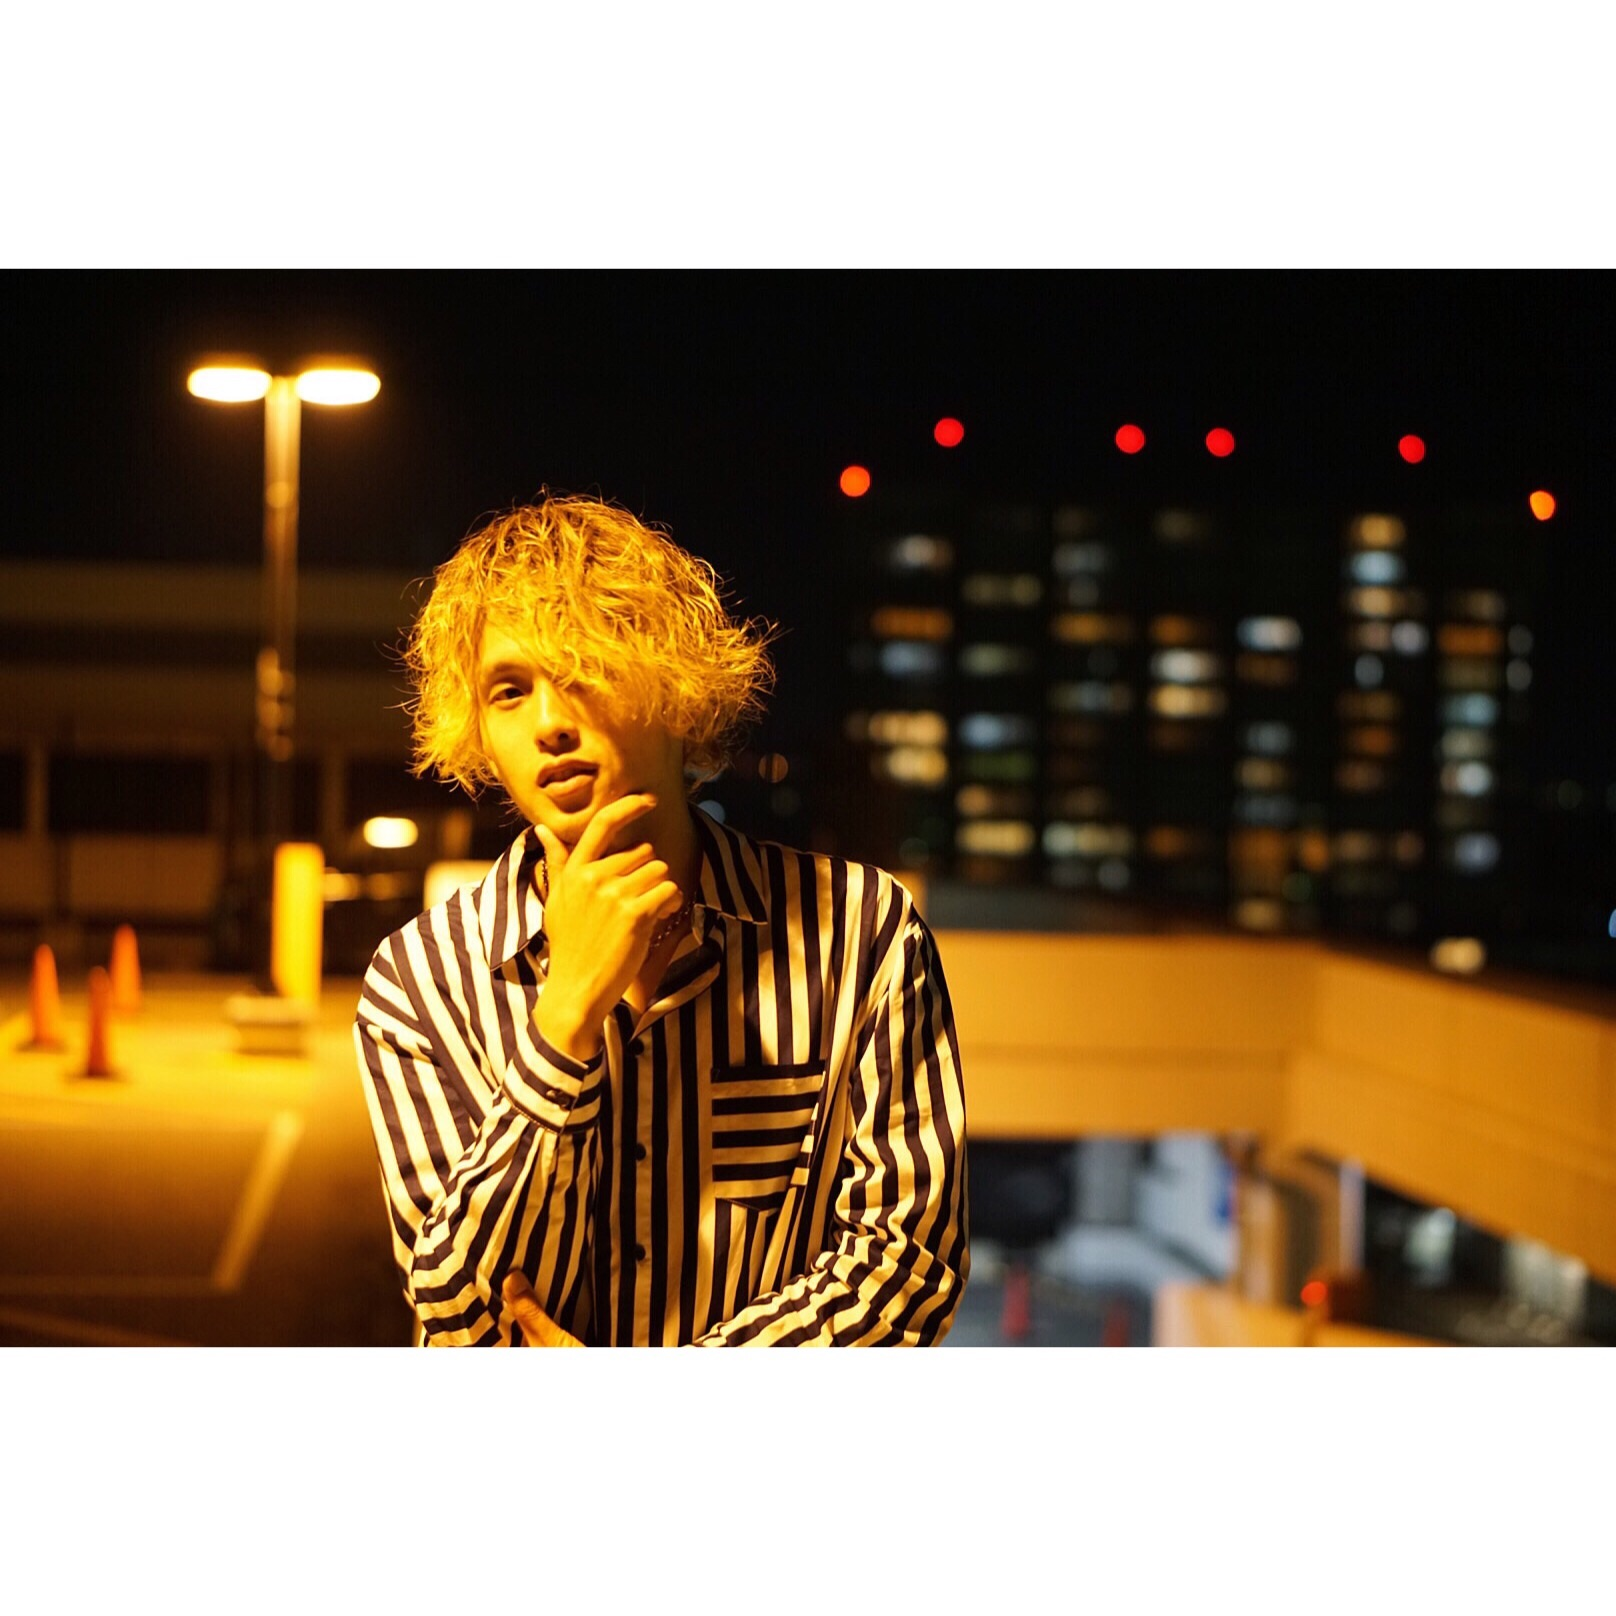 f:id:Yosuke0912:20180519194751j:image